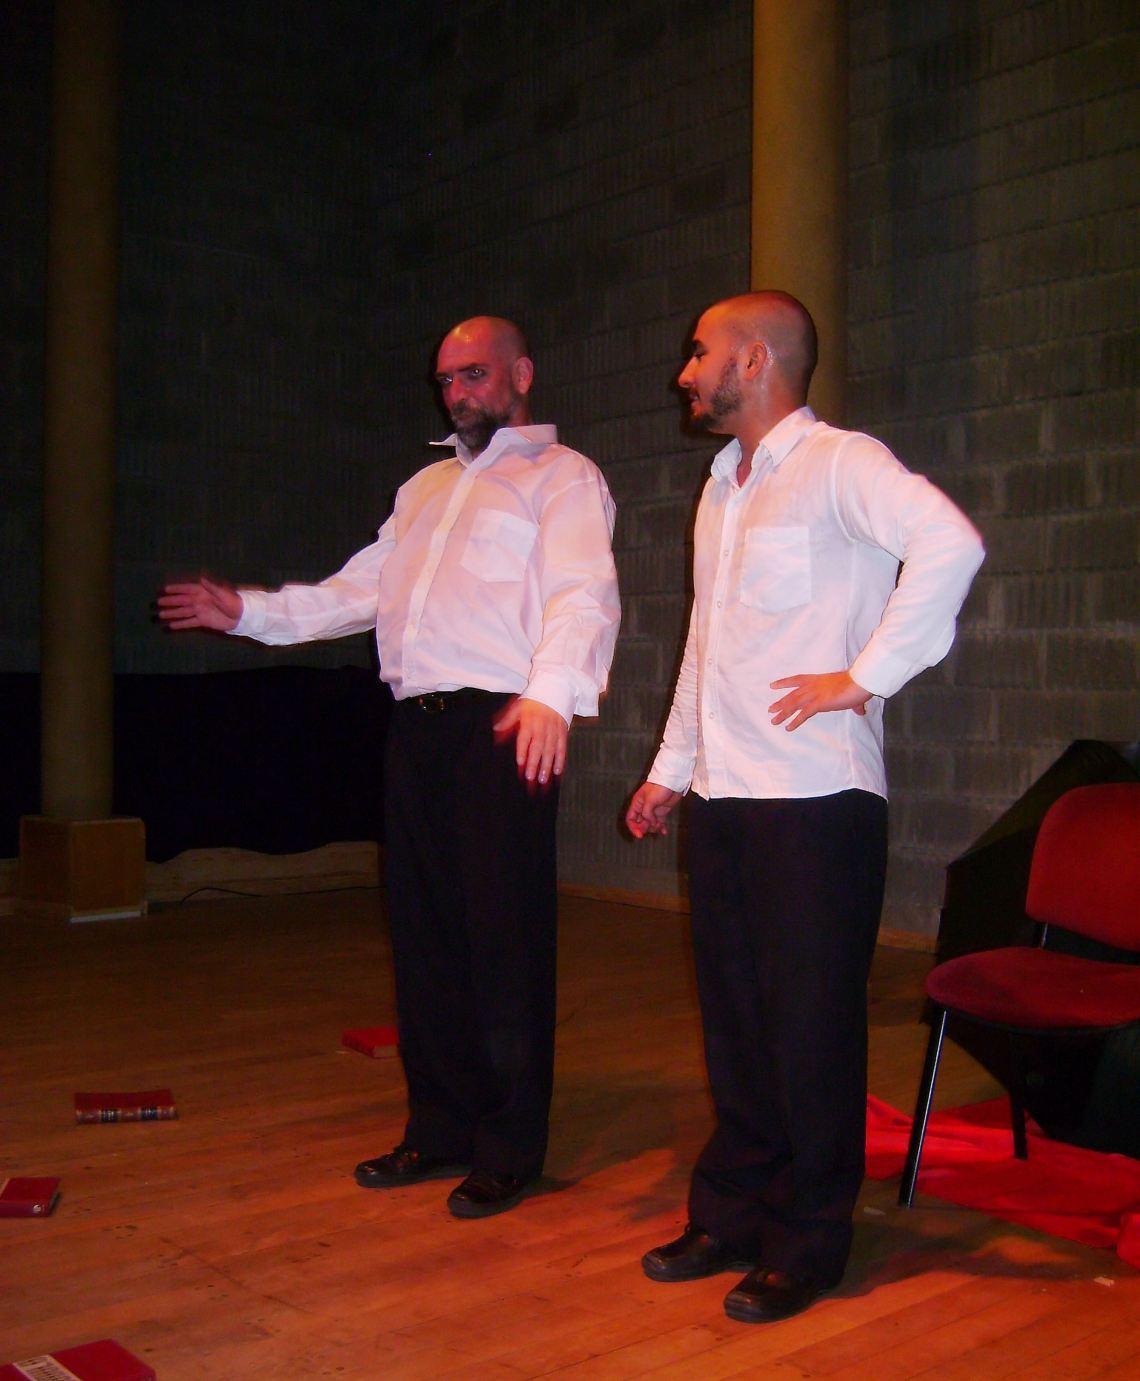 Tullio Guimarães y Vinícius Guarilha Alves